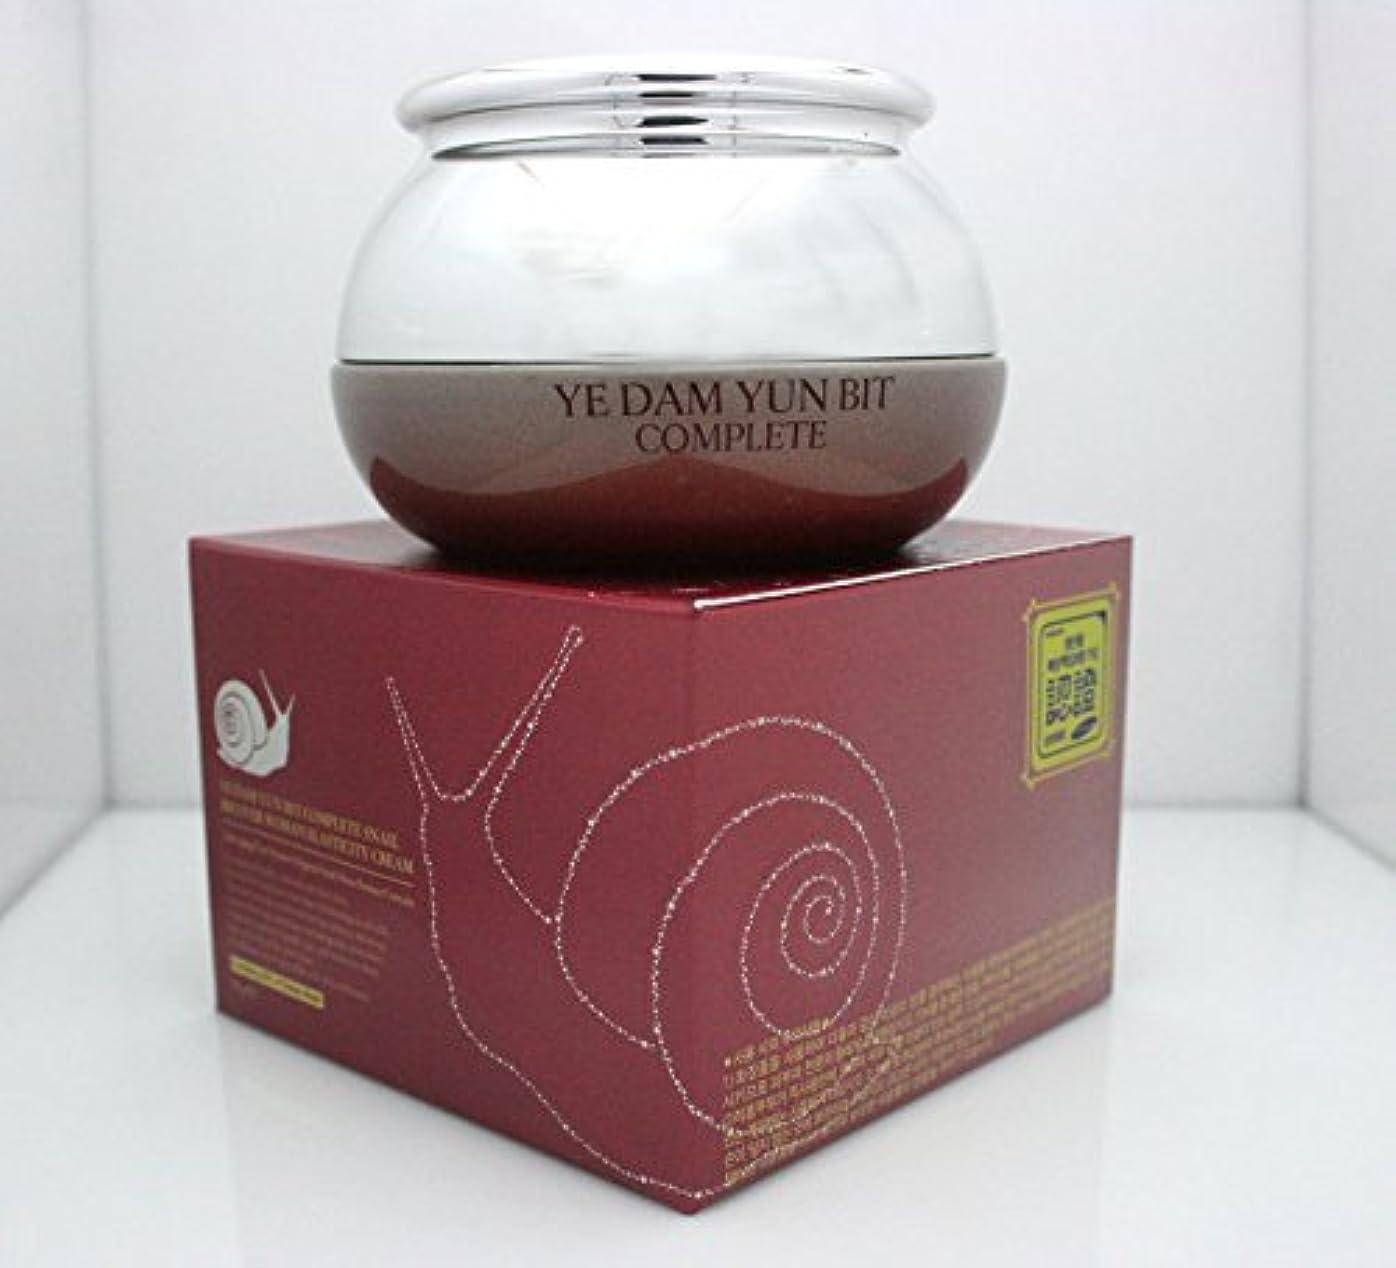 シリアル心から読書[YEDAM YUNBIT] 完全なカタツムリ?リフト?リフティング?クリーム50g/韓国化粧品/Complete Snail Recover Lifting Cream 50g/Korean cosmetics [並行輸入品]